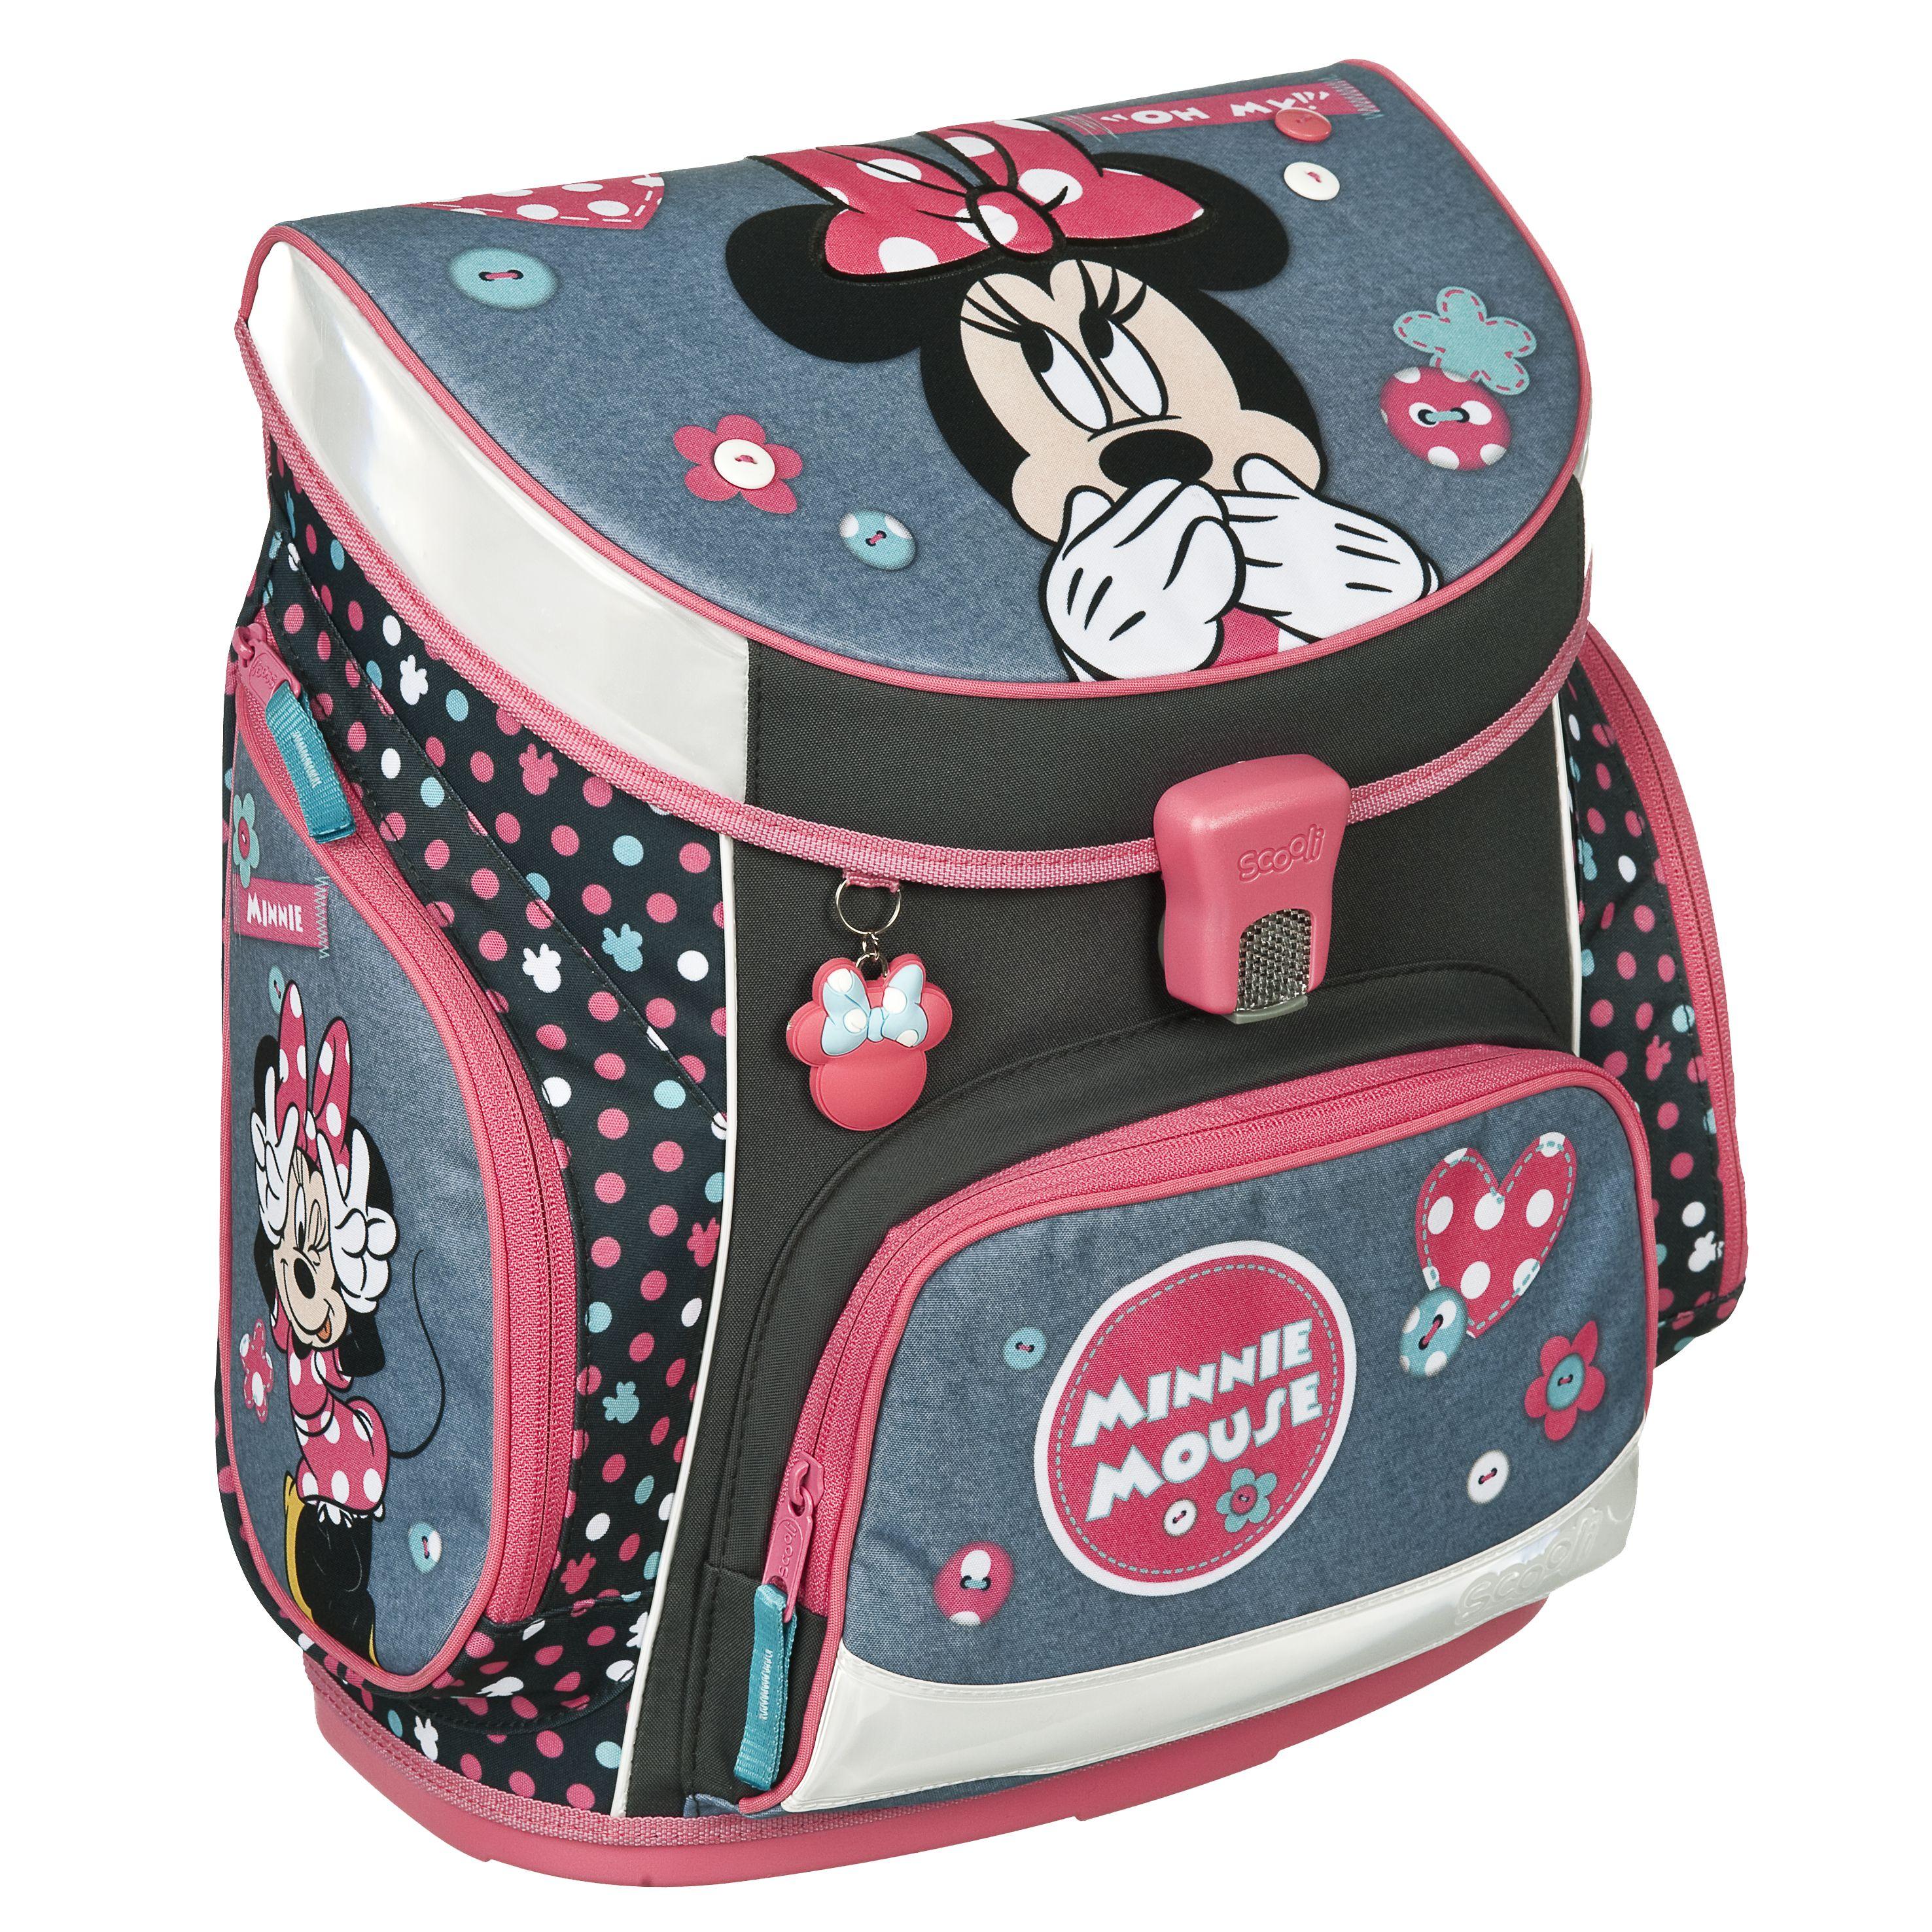 Minnie Mouse Maus Schulranzen Tornister Ranzen Set mit Sporttasche Federtasche